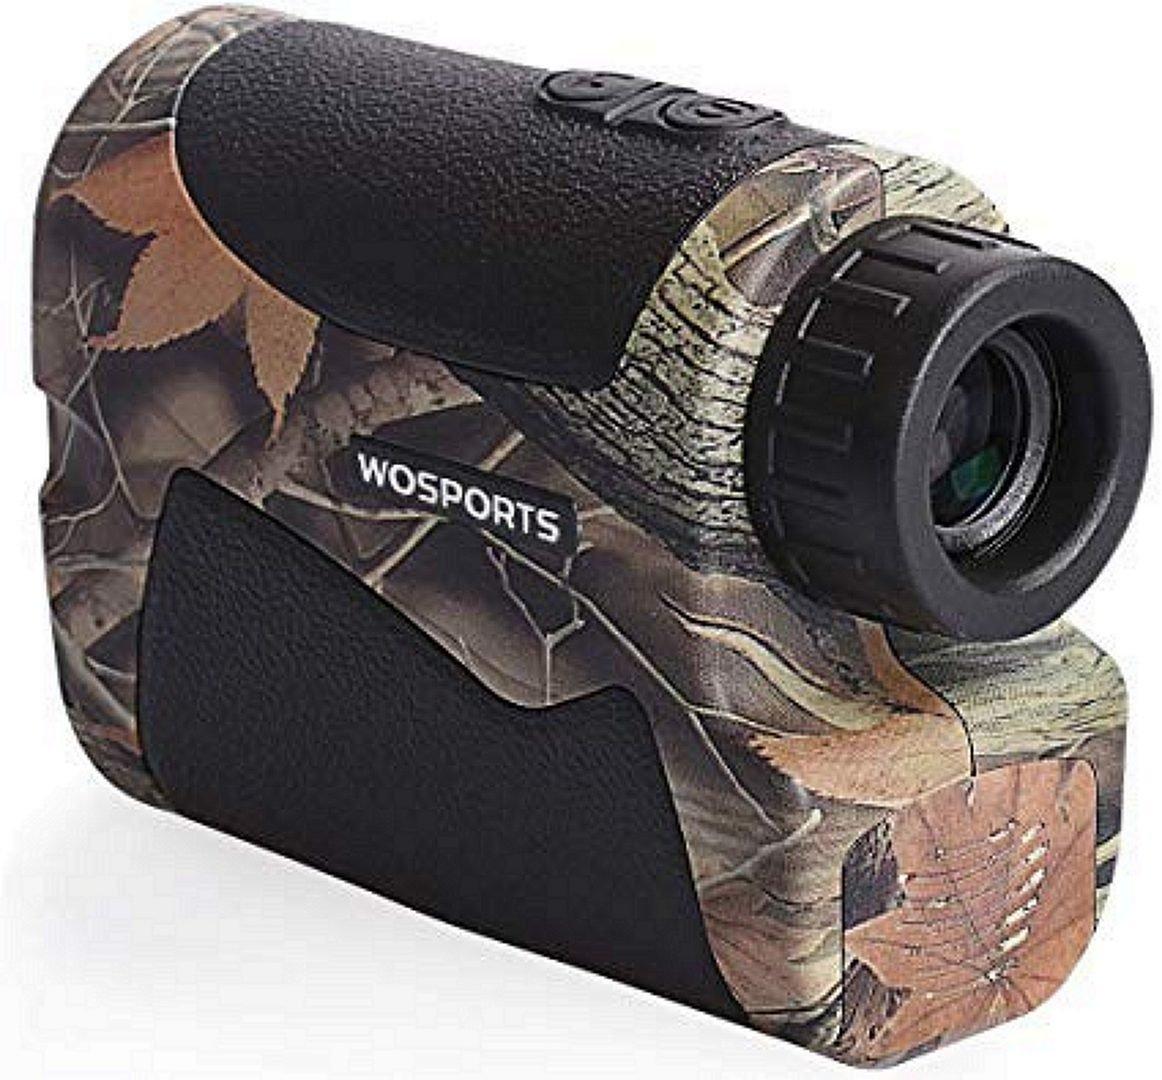 Wosports 650 Laser Rangefinder